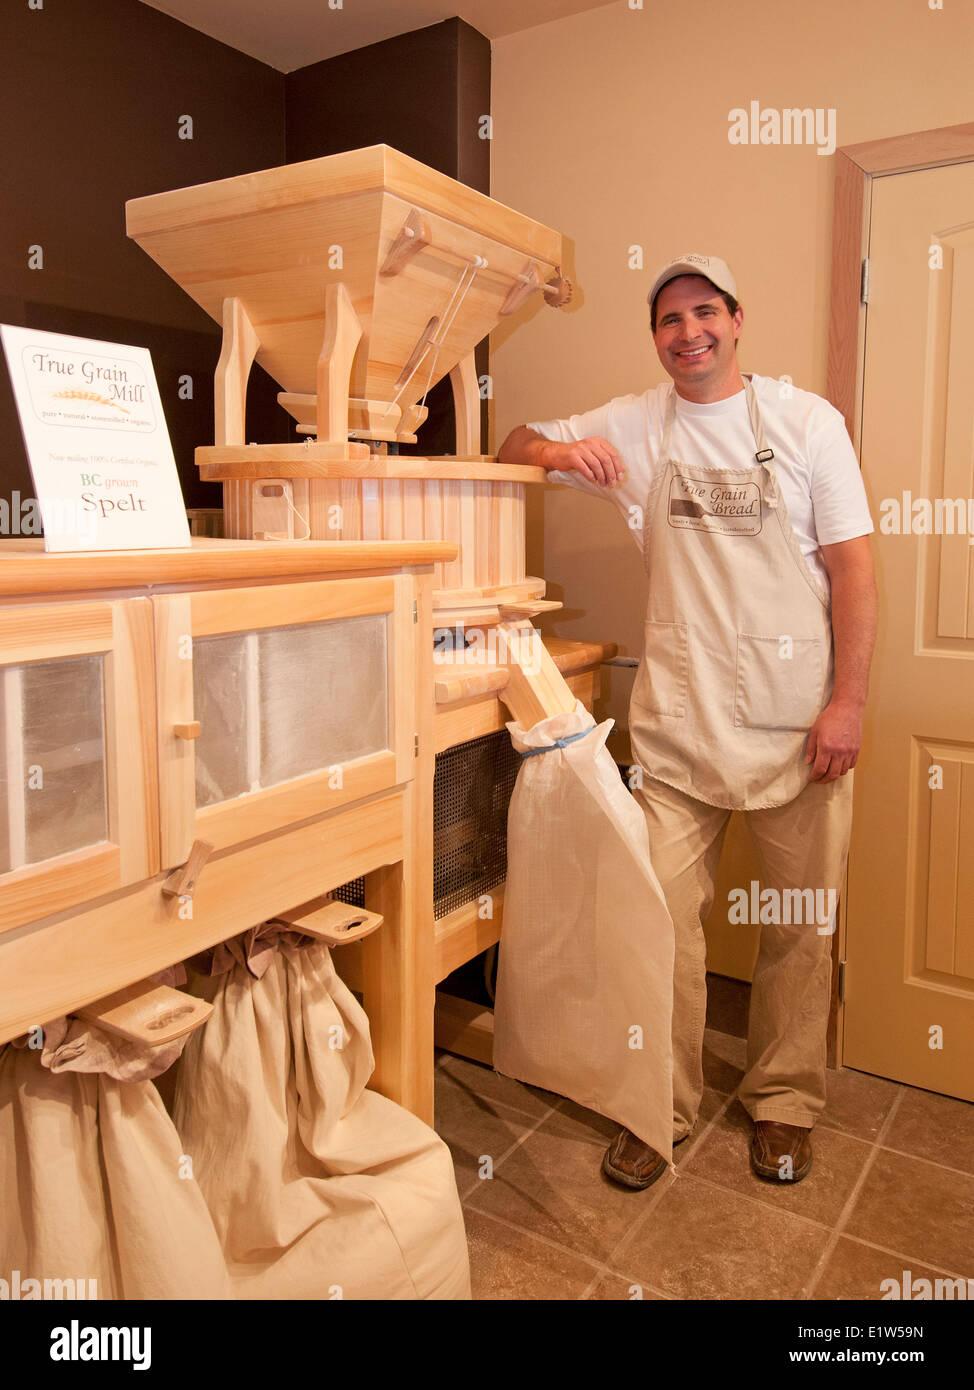 Il proprietario del vero pane di grano in Summerland, British Columbia sta con il suo mulino di farina, regione Immagini Stock